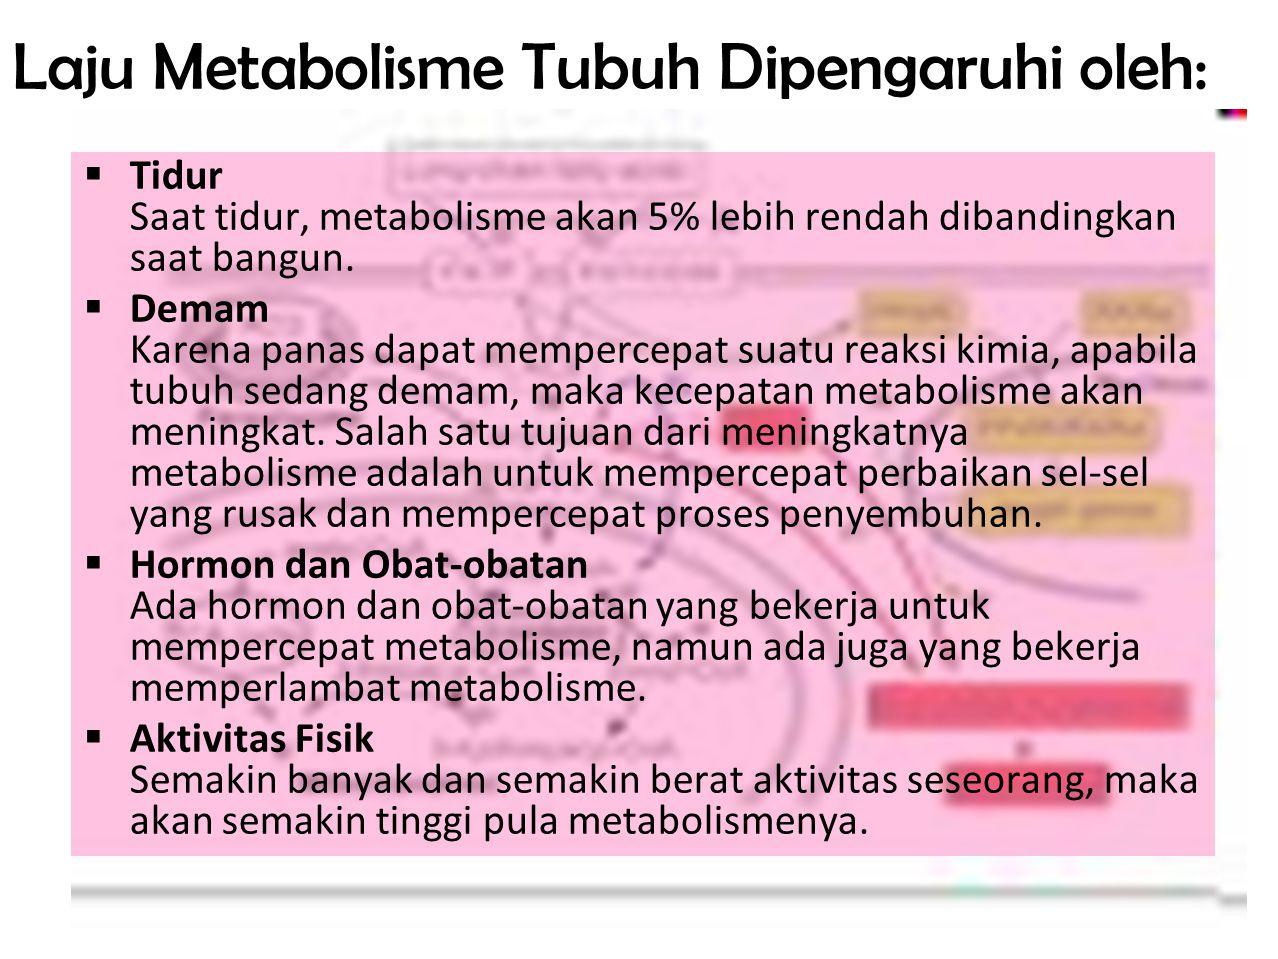 Laju Metabolisme Tubuh Dipengaruhi oleh: